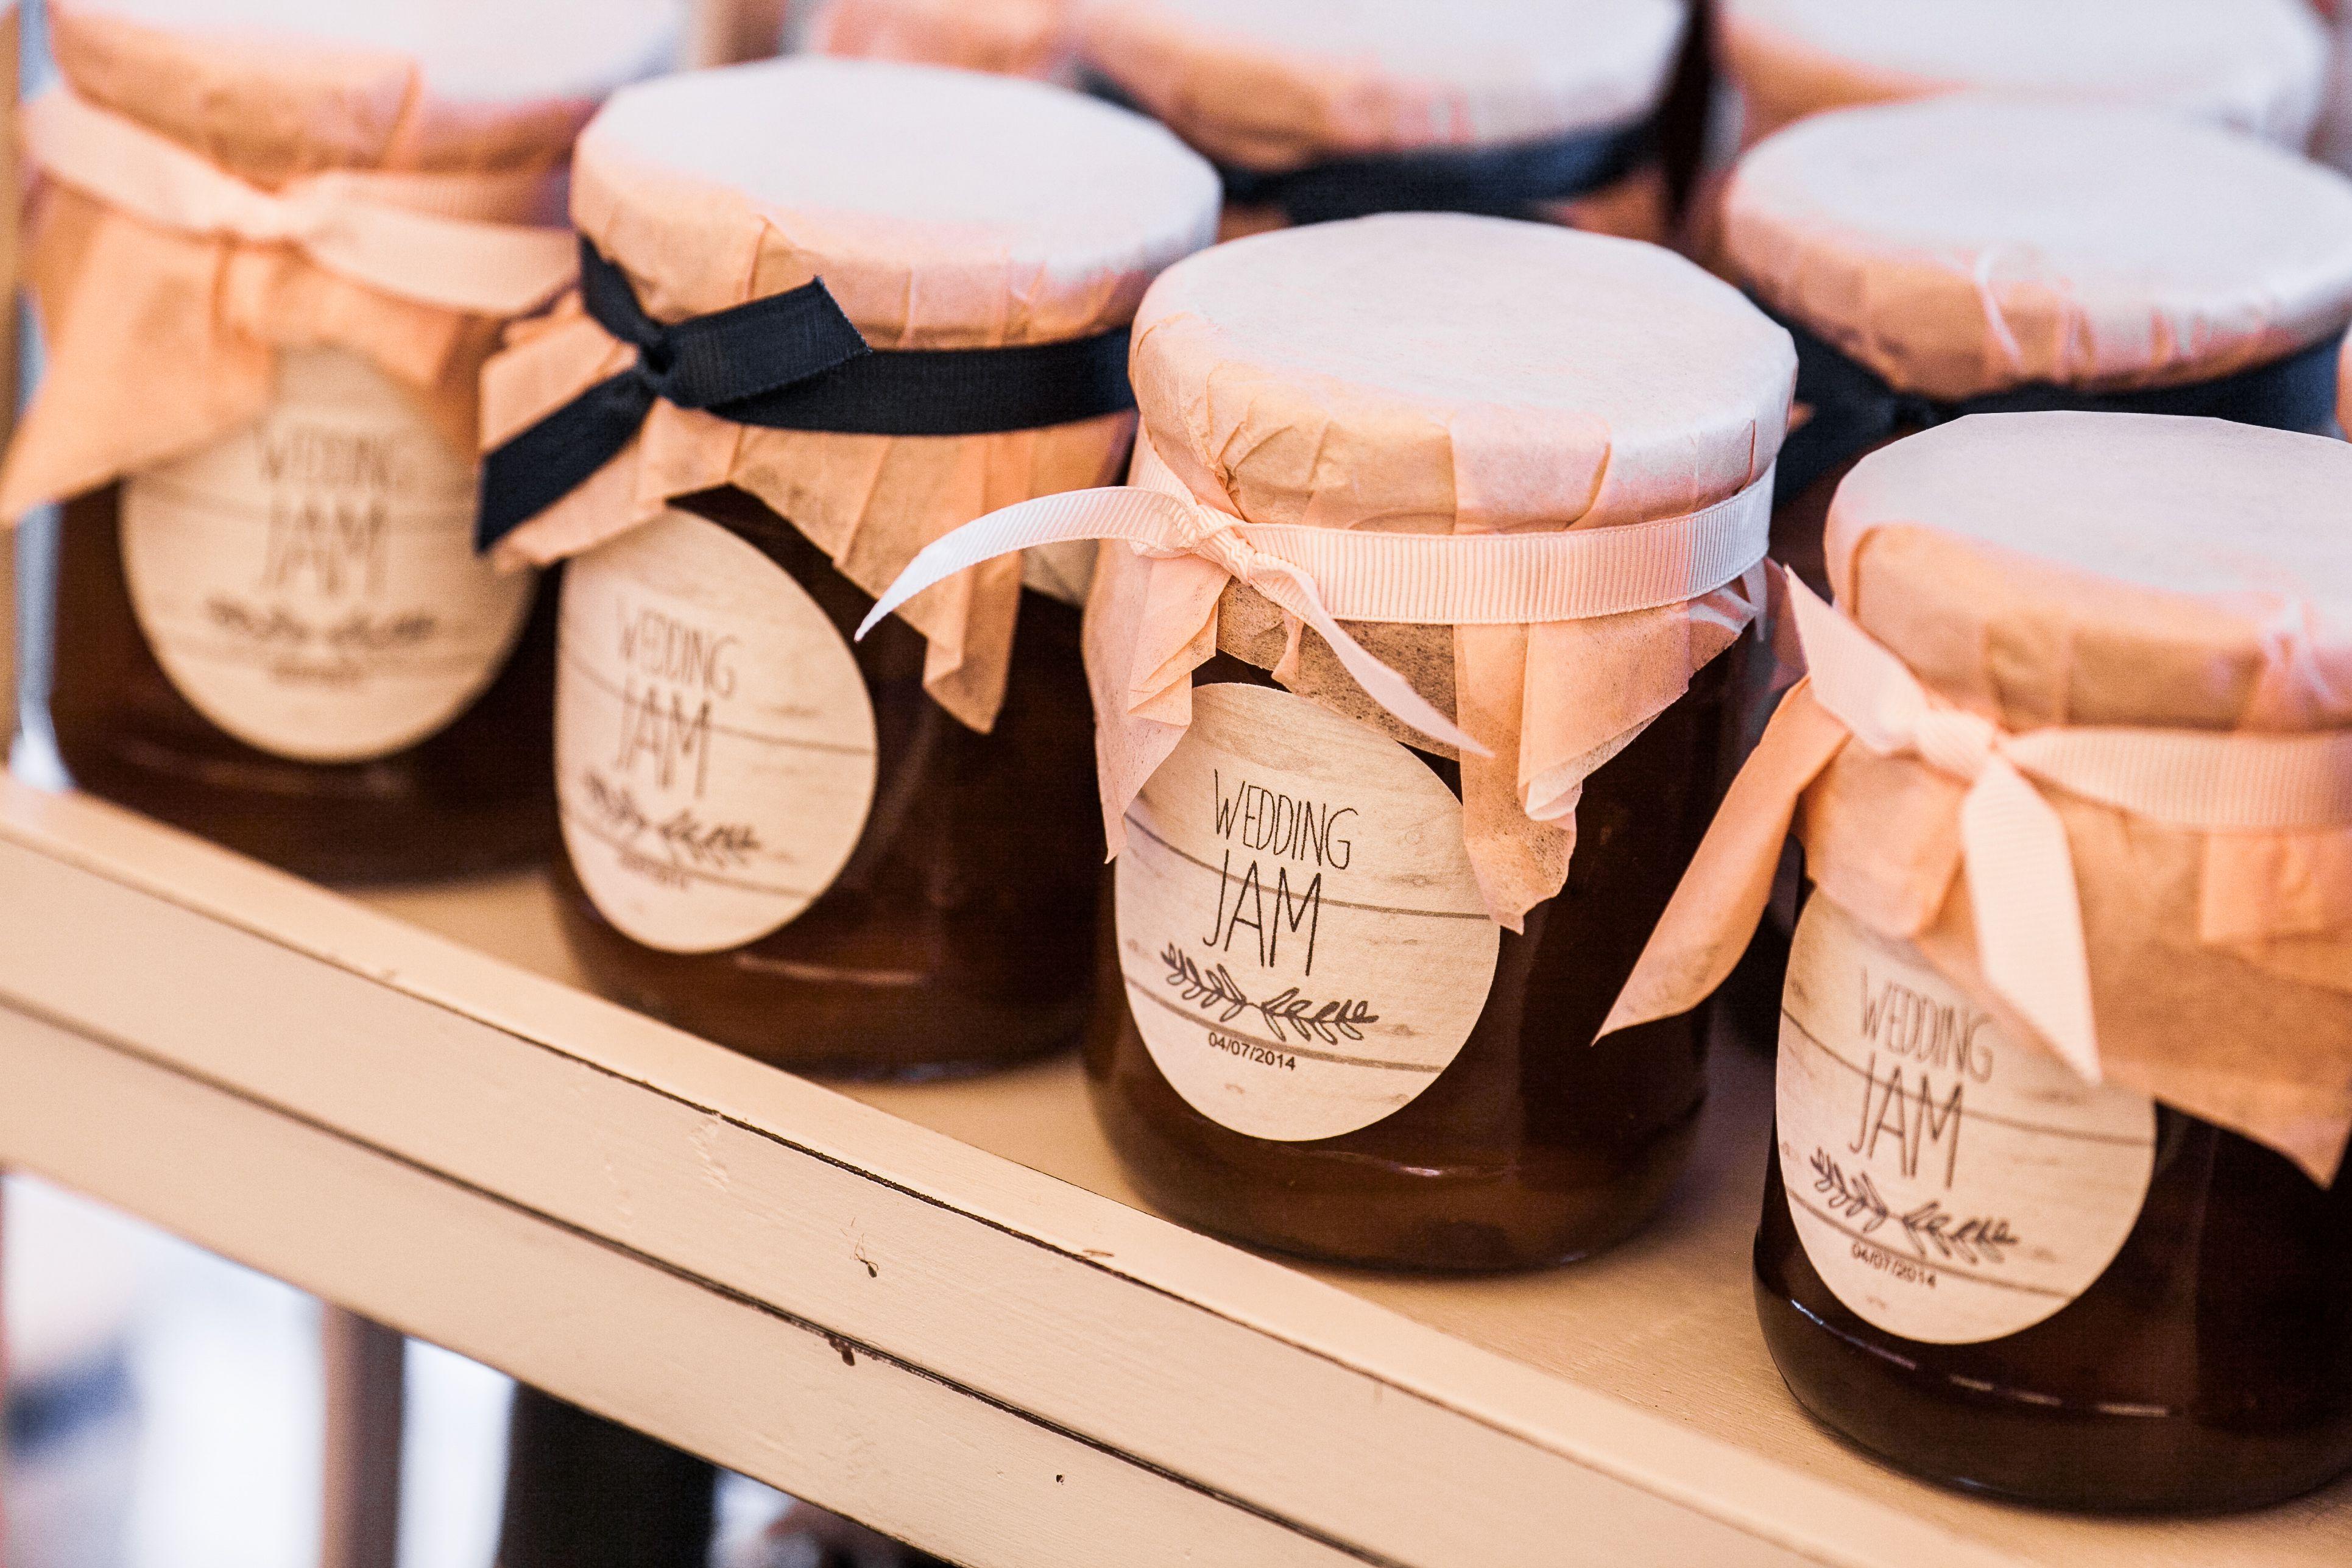 wedding jam, wedding present, wedding, wedding decor, свадебное варенье, сладкие подарки, подарки для гостей, подарки на свадьбе, подарки от молодоженов, варенье, сладости